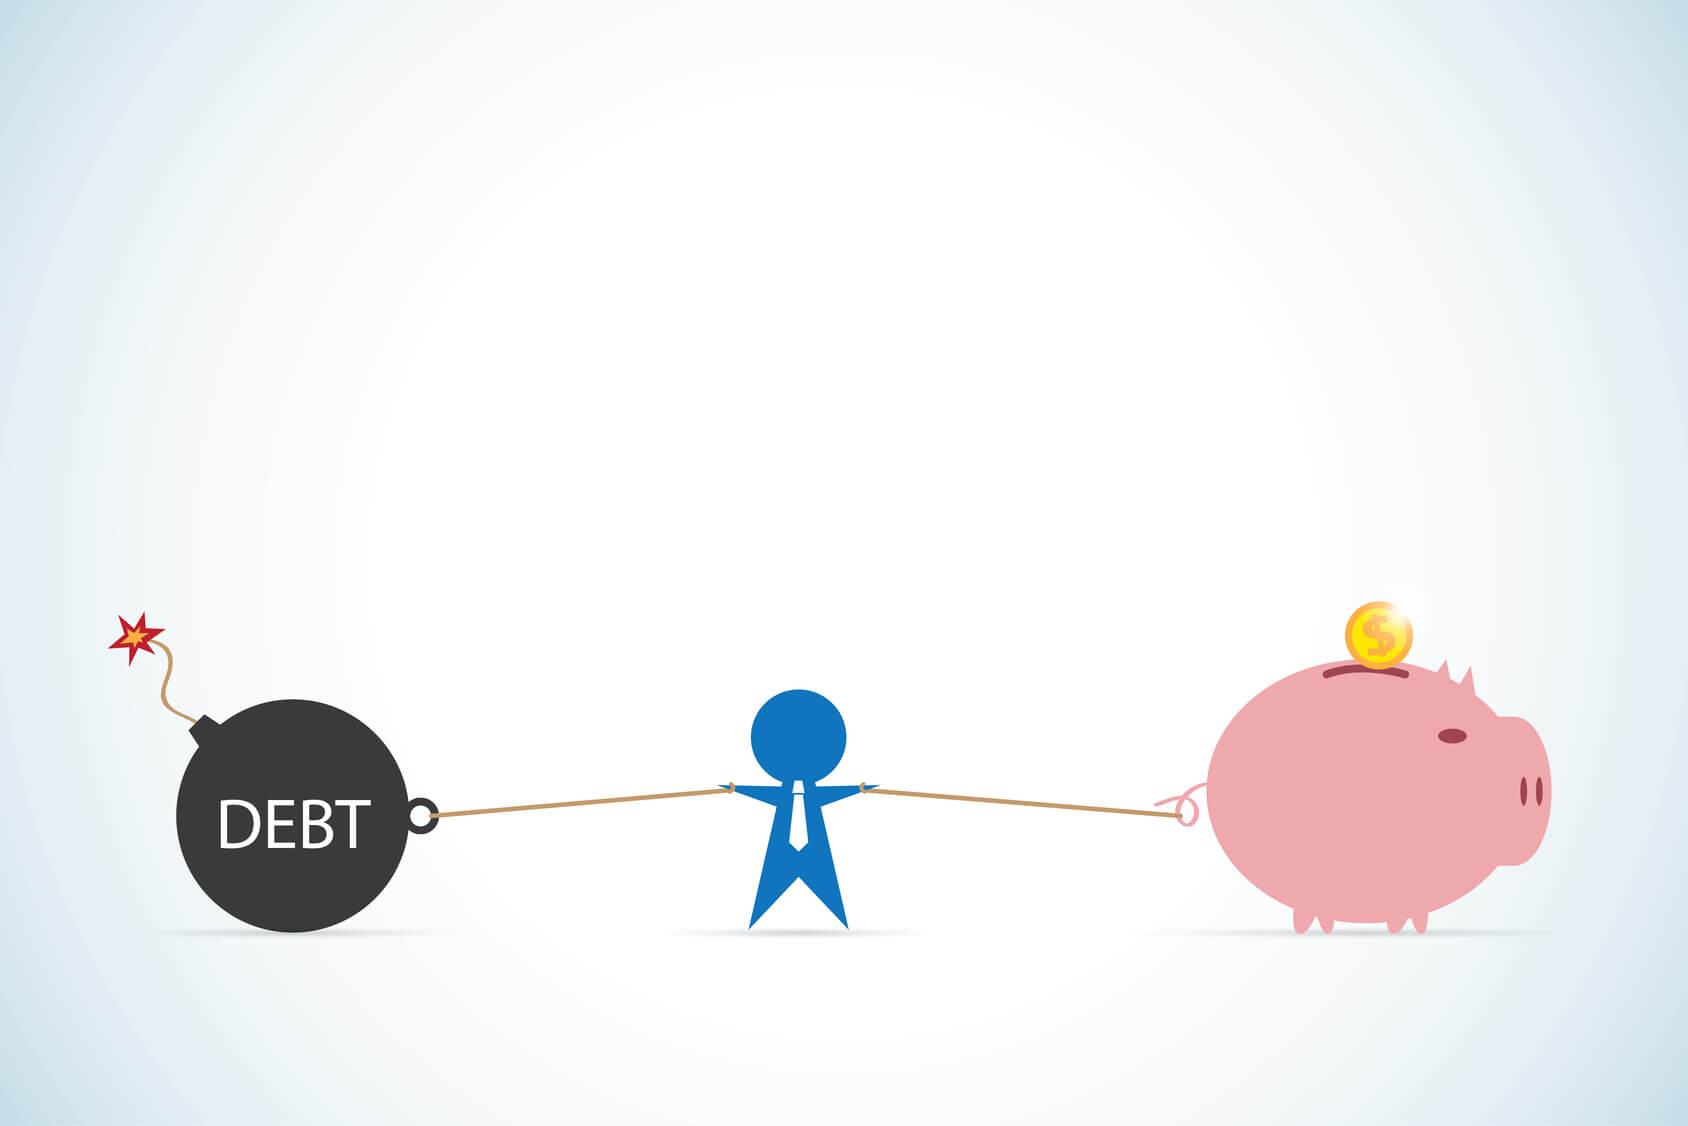 ¿Podrá vivir libre de deudas?